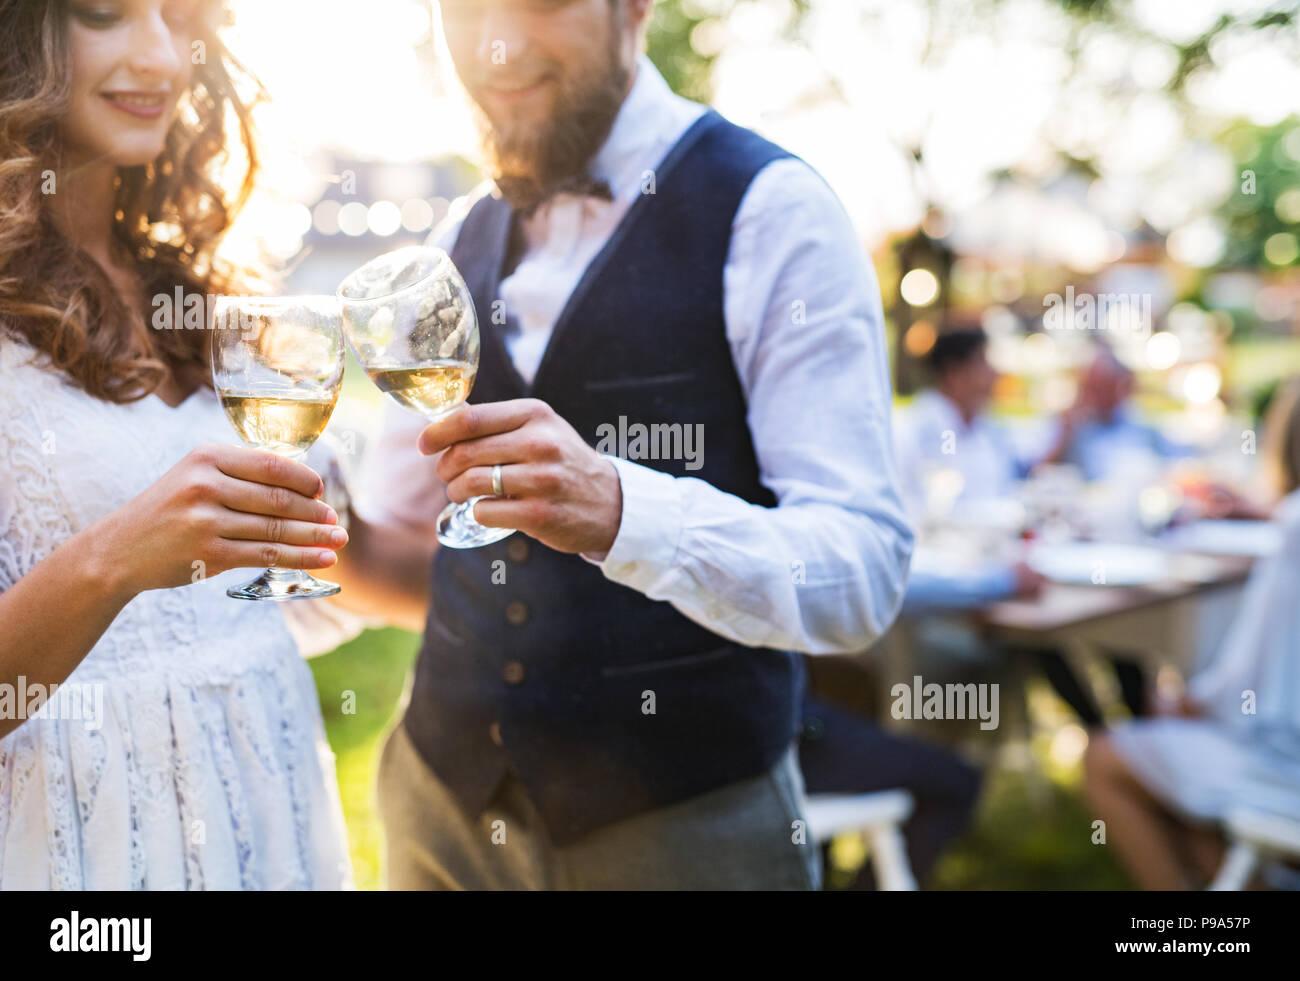 Bride and Groom clinking glasses at Wedding Reception à l'extérieur dans la cour. Photo Stock